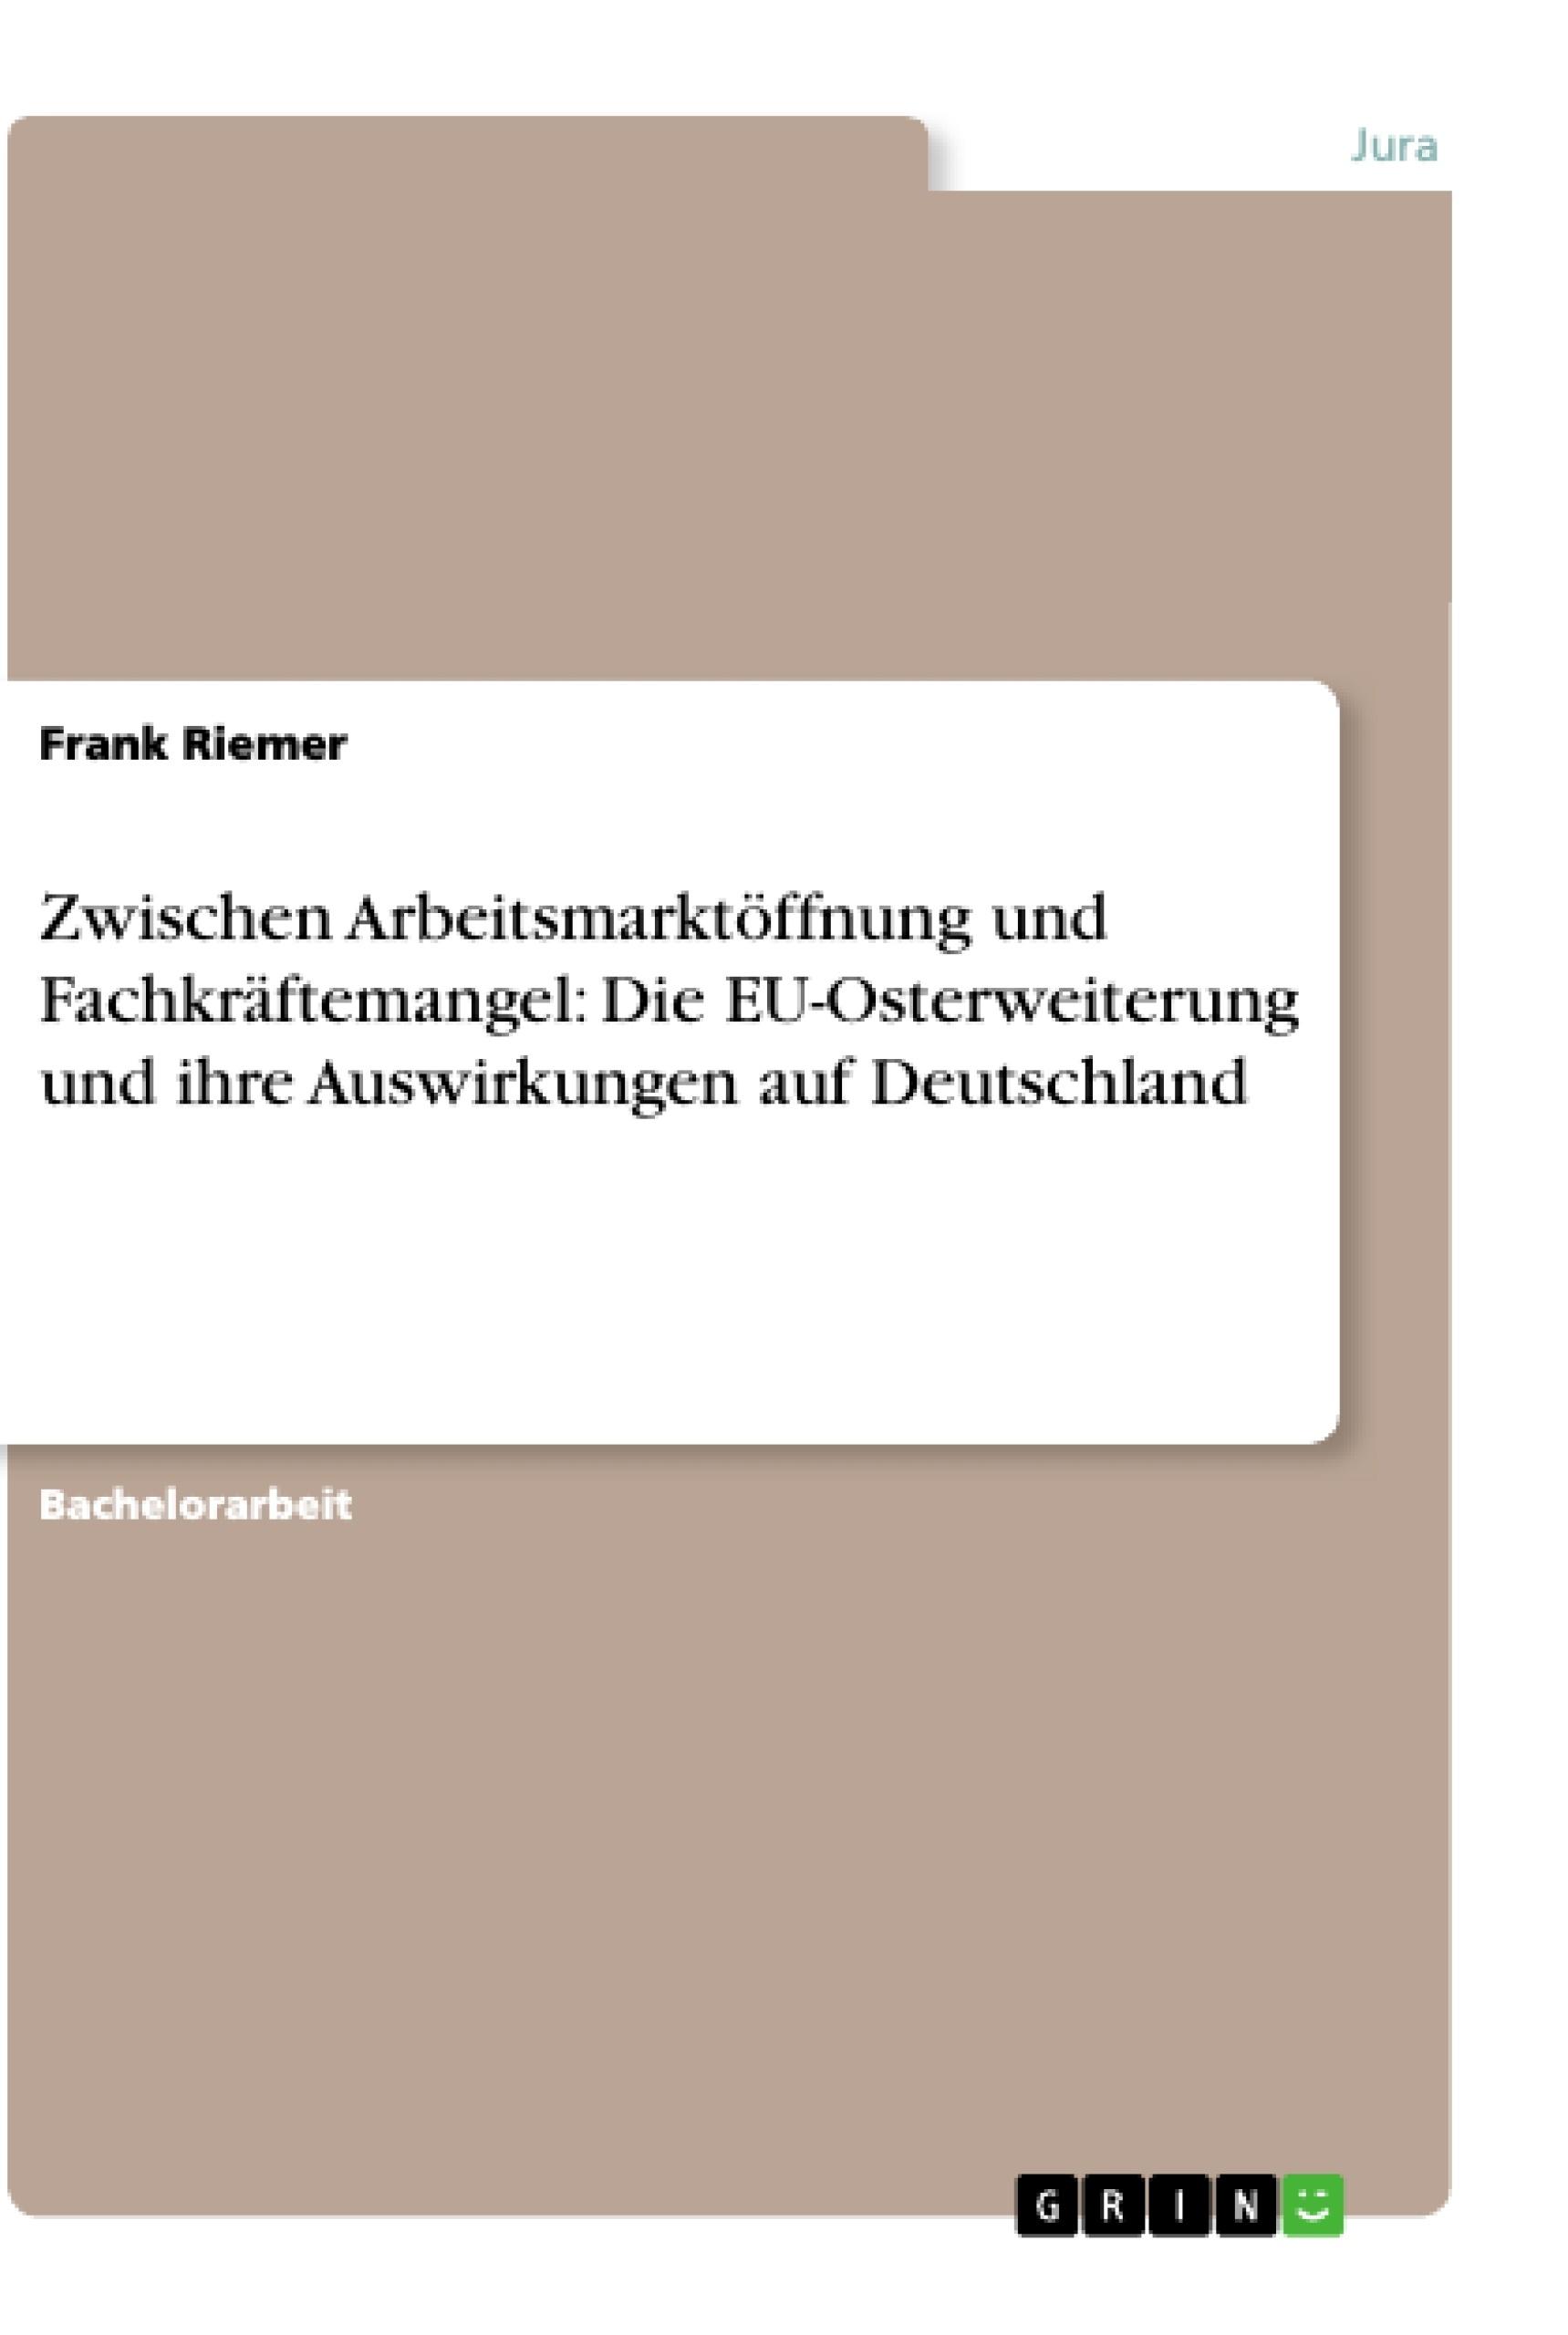 Titel: Zwischen Arbeitsmarktöffnung und Fachkräftemangel: Die EU-Osterweiterung und ihre Auswirkungen auf Deutschland